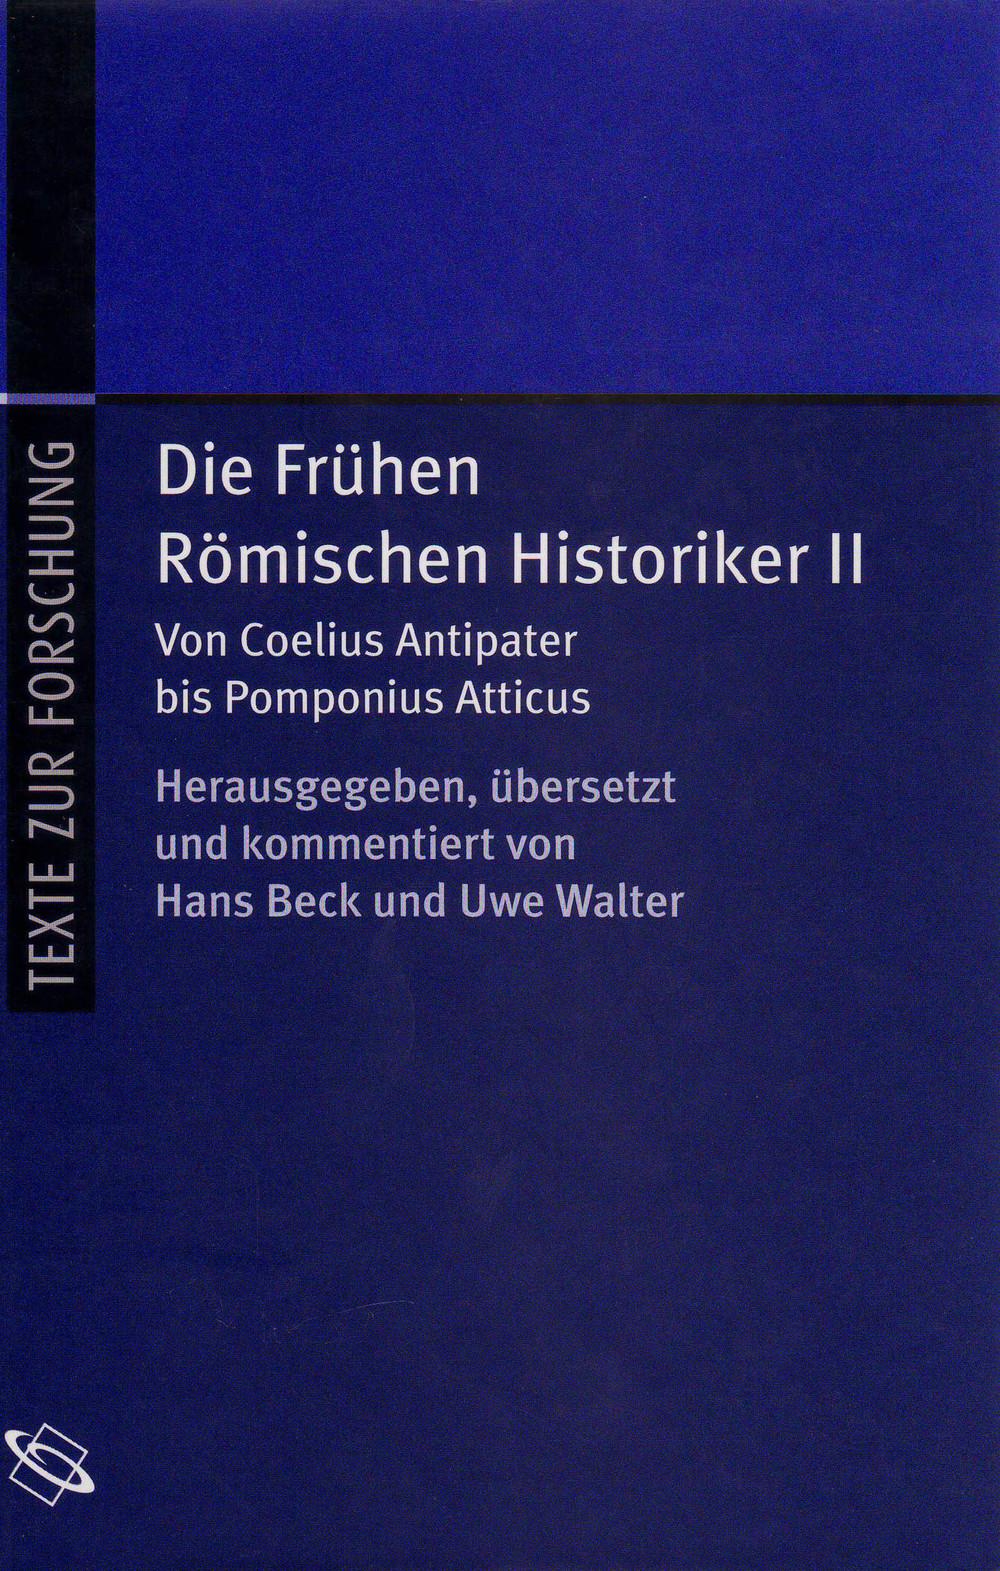 FRH II.jpg